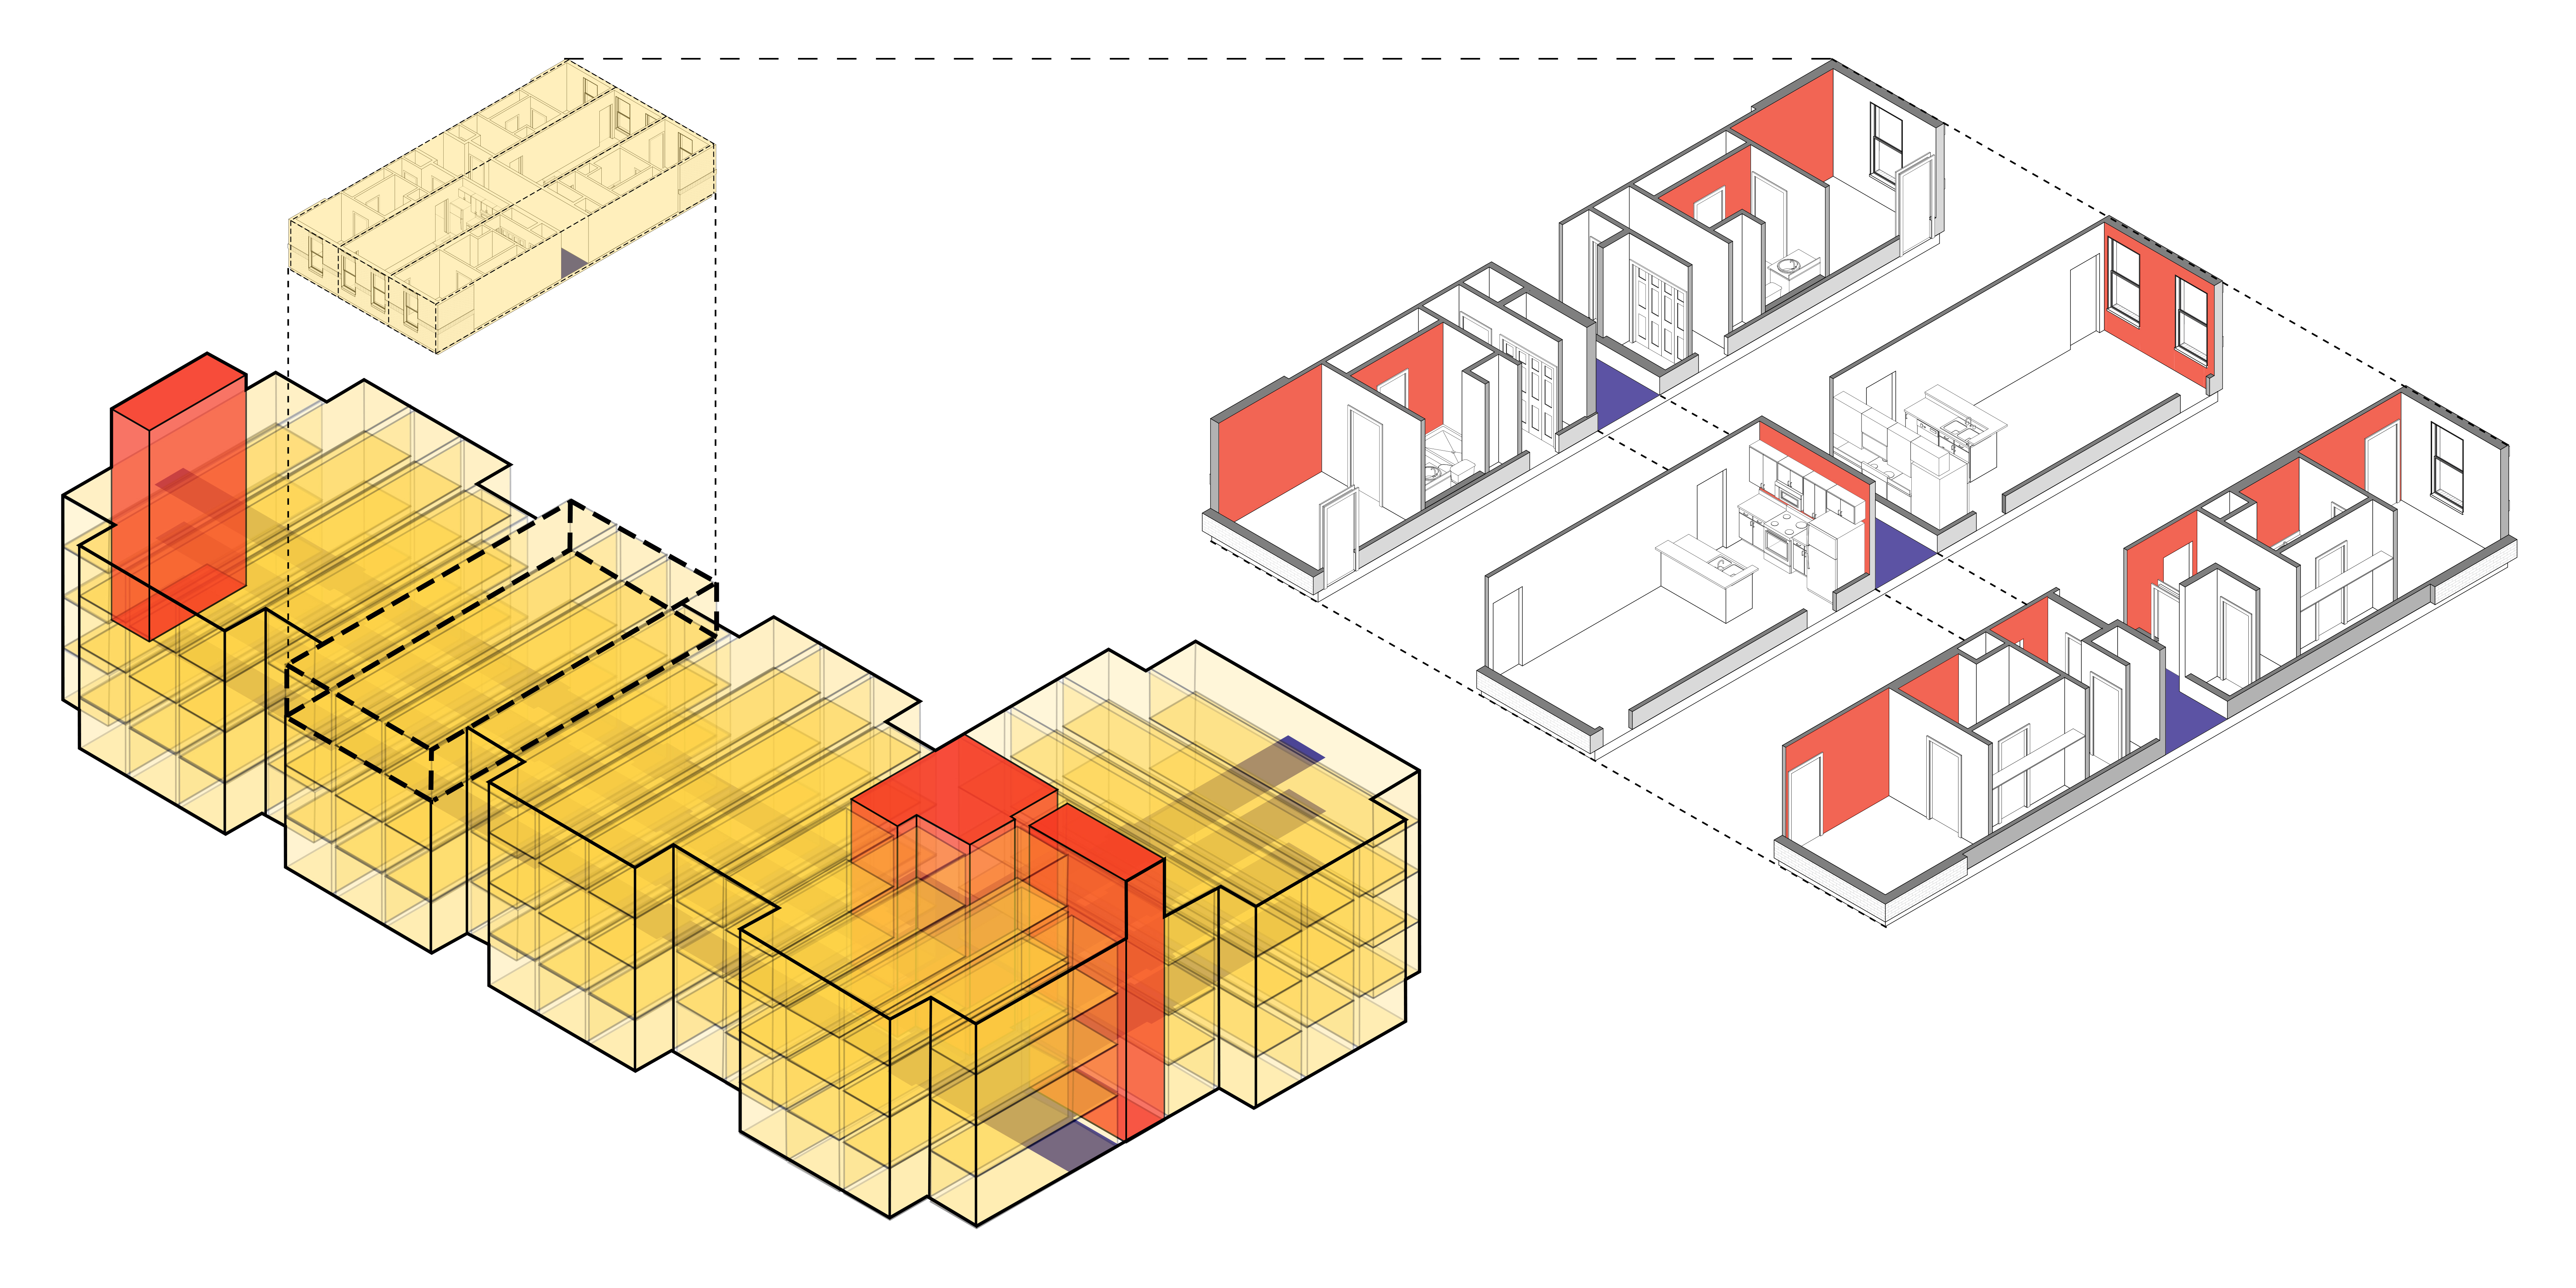 Modular Housing Diagram